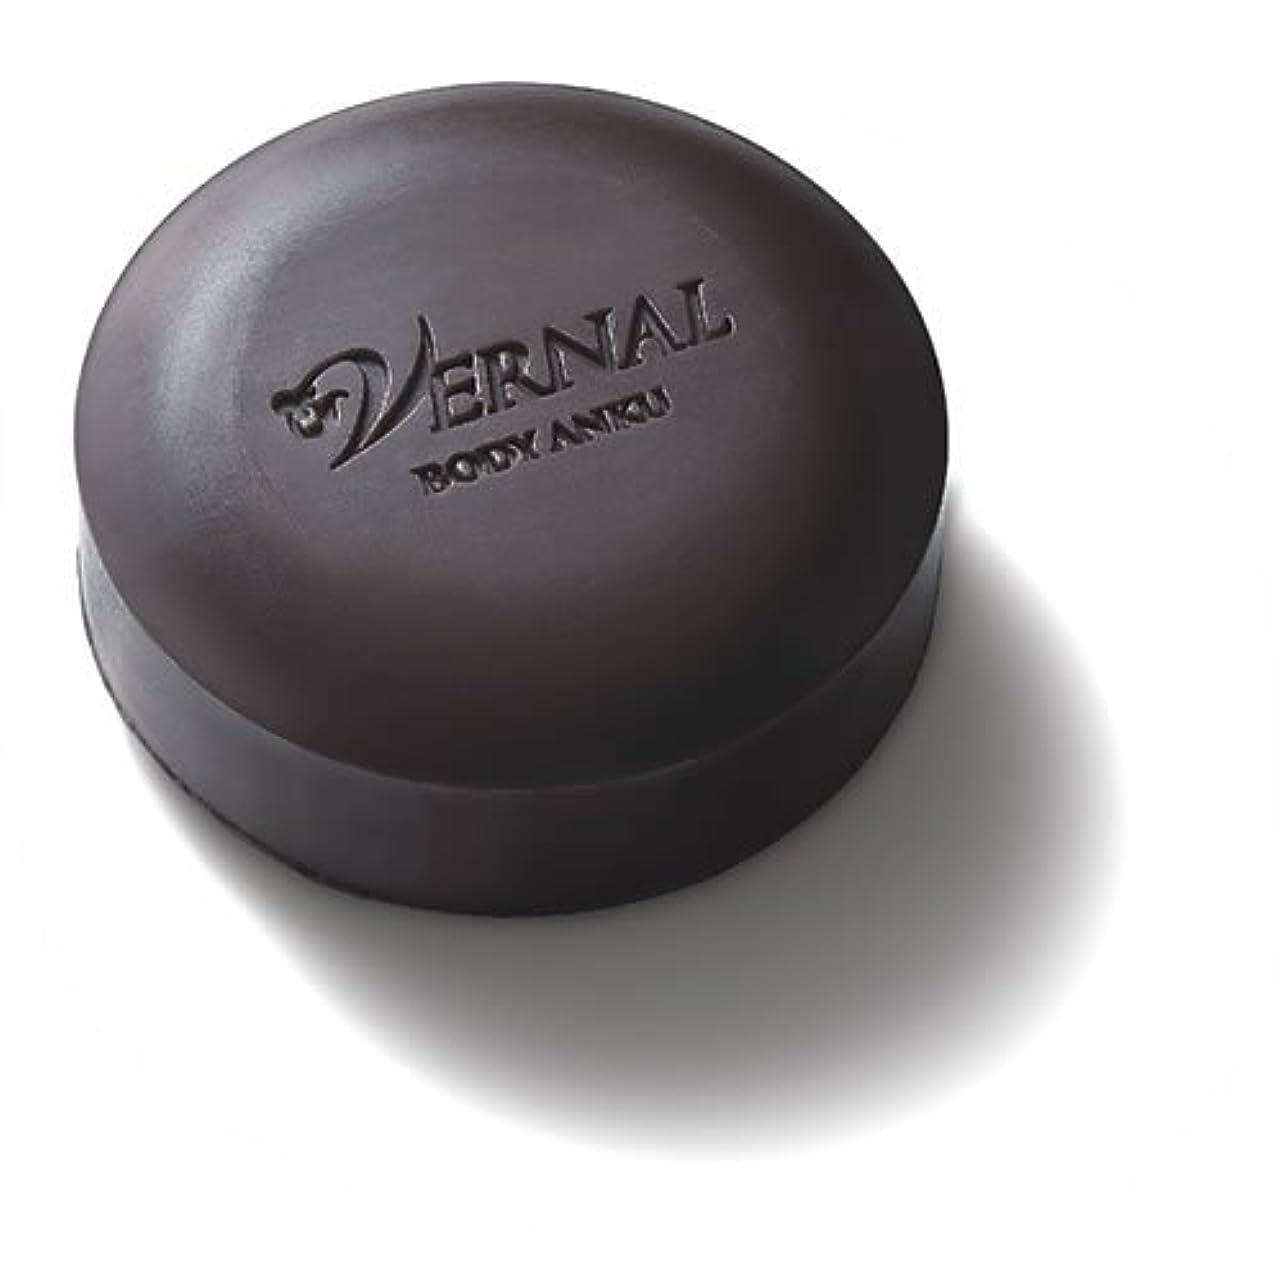 意気込み物足りない概念ボディアンク/ヴァーナル ボディ用 石鹸 デオドラント